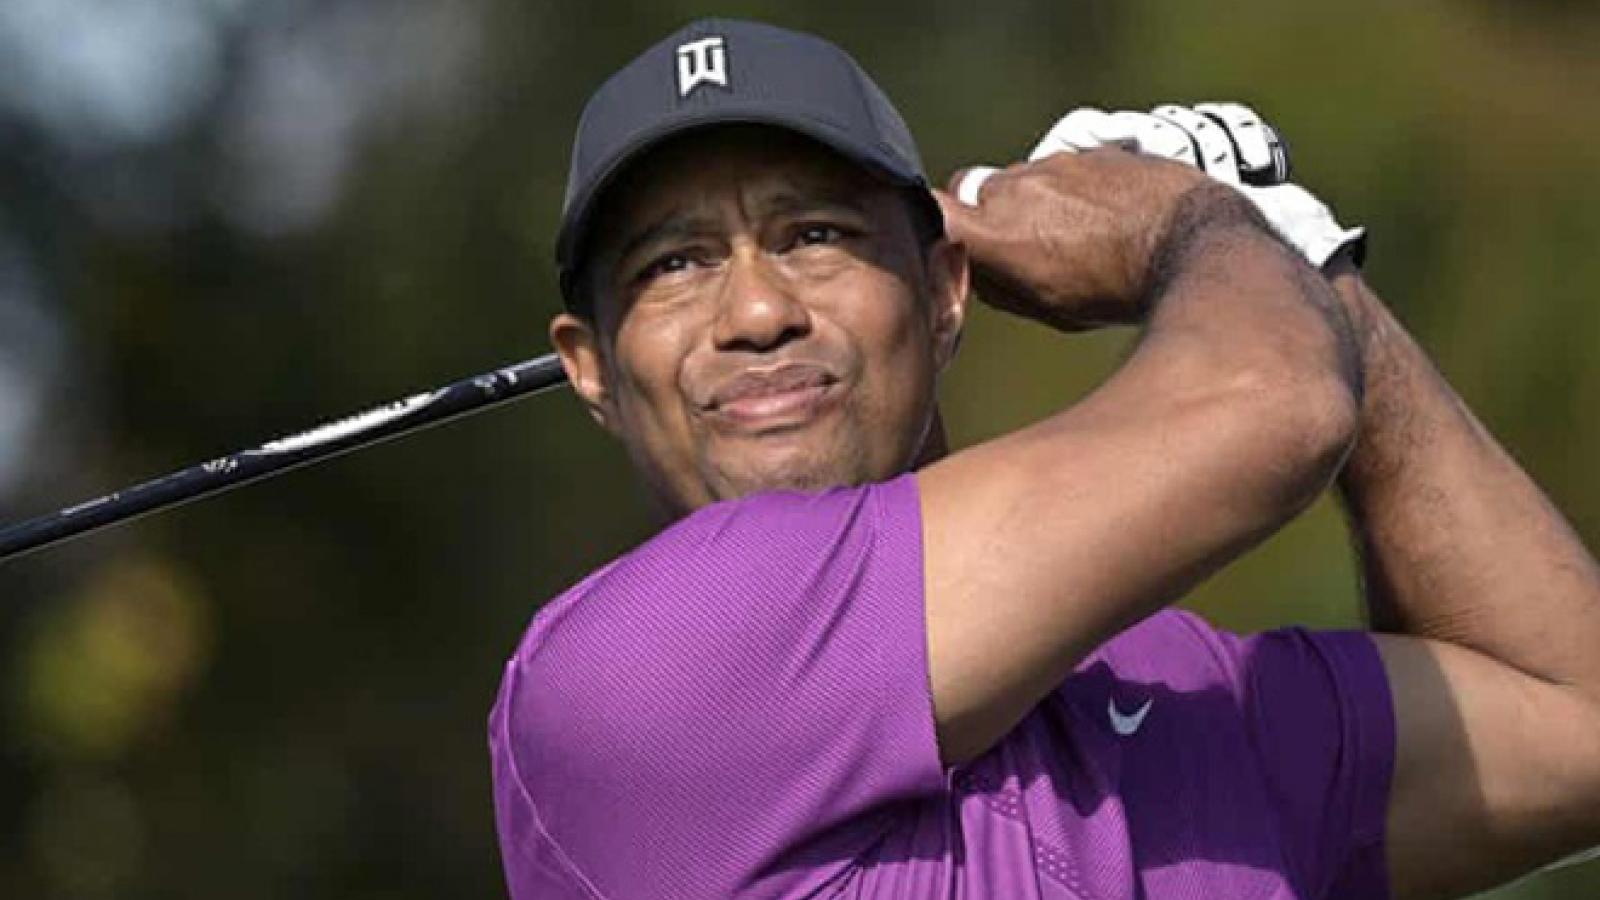 Ổn định tâm lý sau tai nạn kinh hoàng, Tiger Woods quyết tâm trở lại với golf đỉnh cao